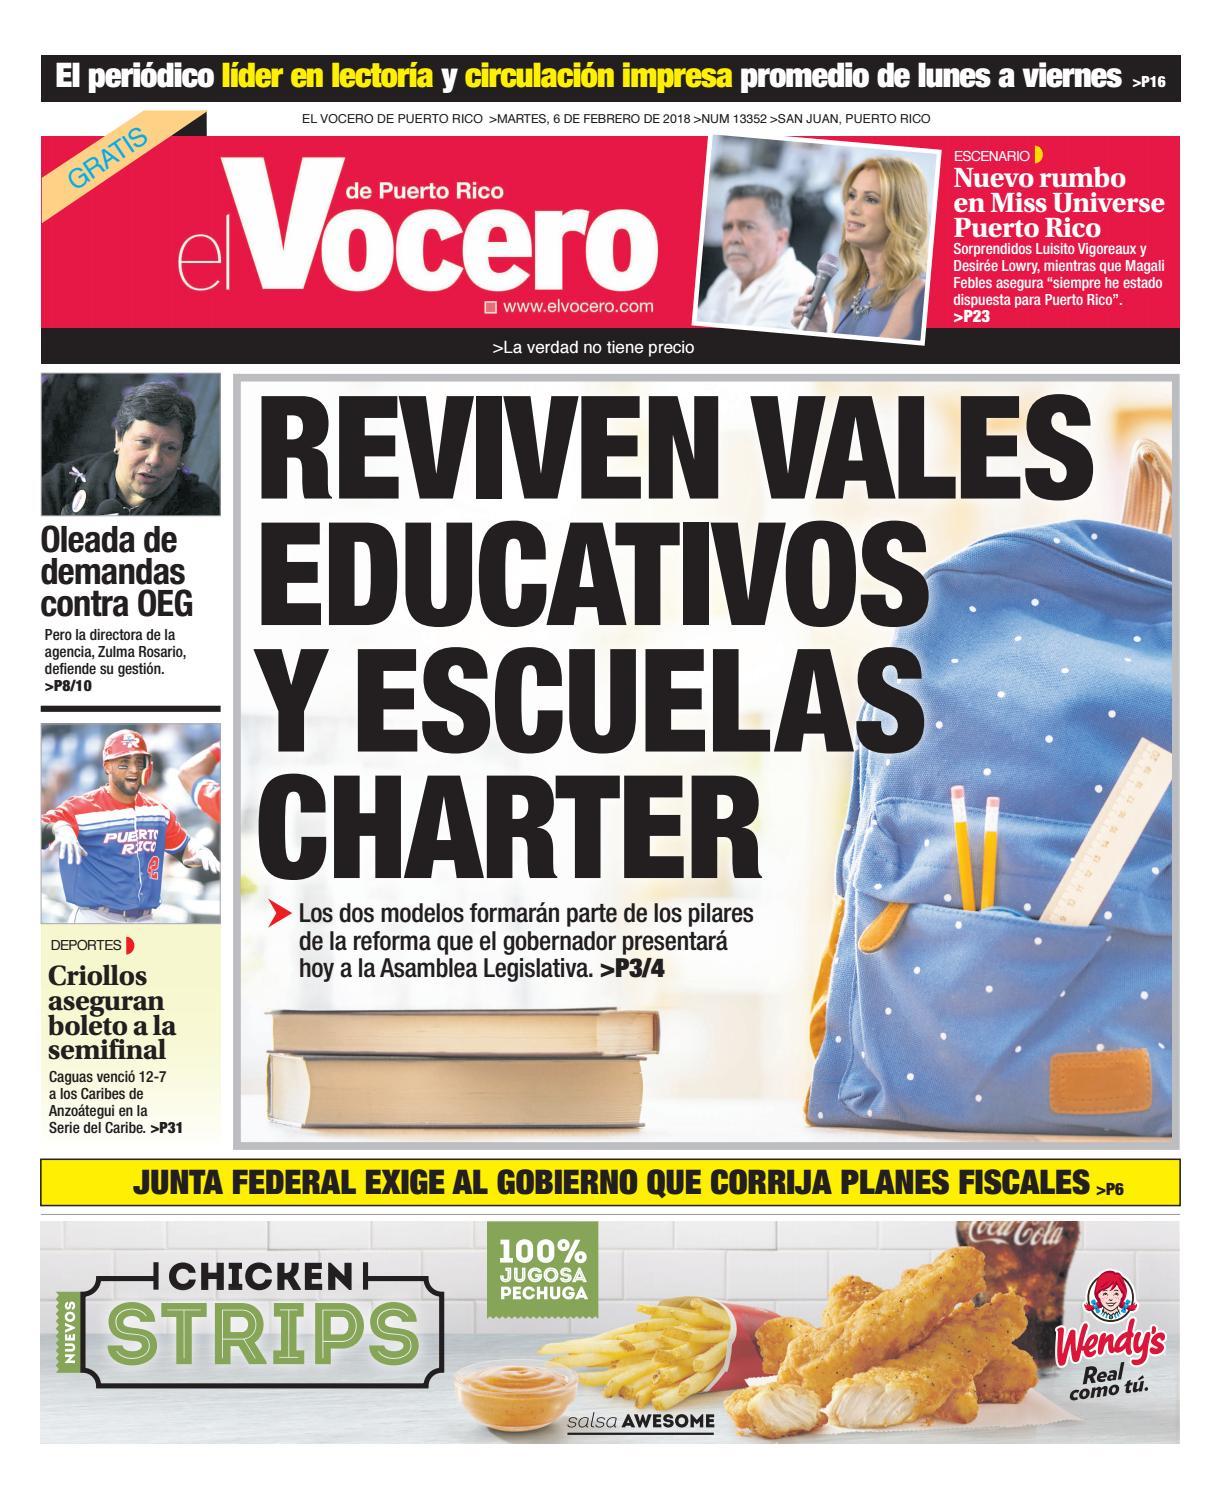 Edición del 6 de febrero de 2018 by El Vocero de Puerto Rico - issuu fbea8bb1f4e7d